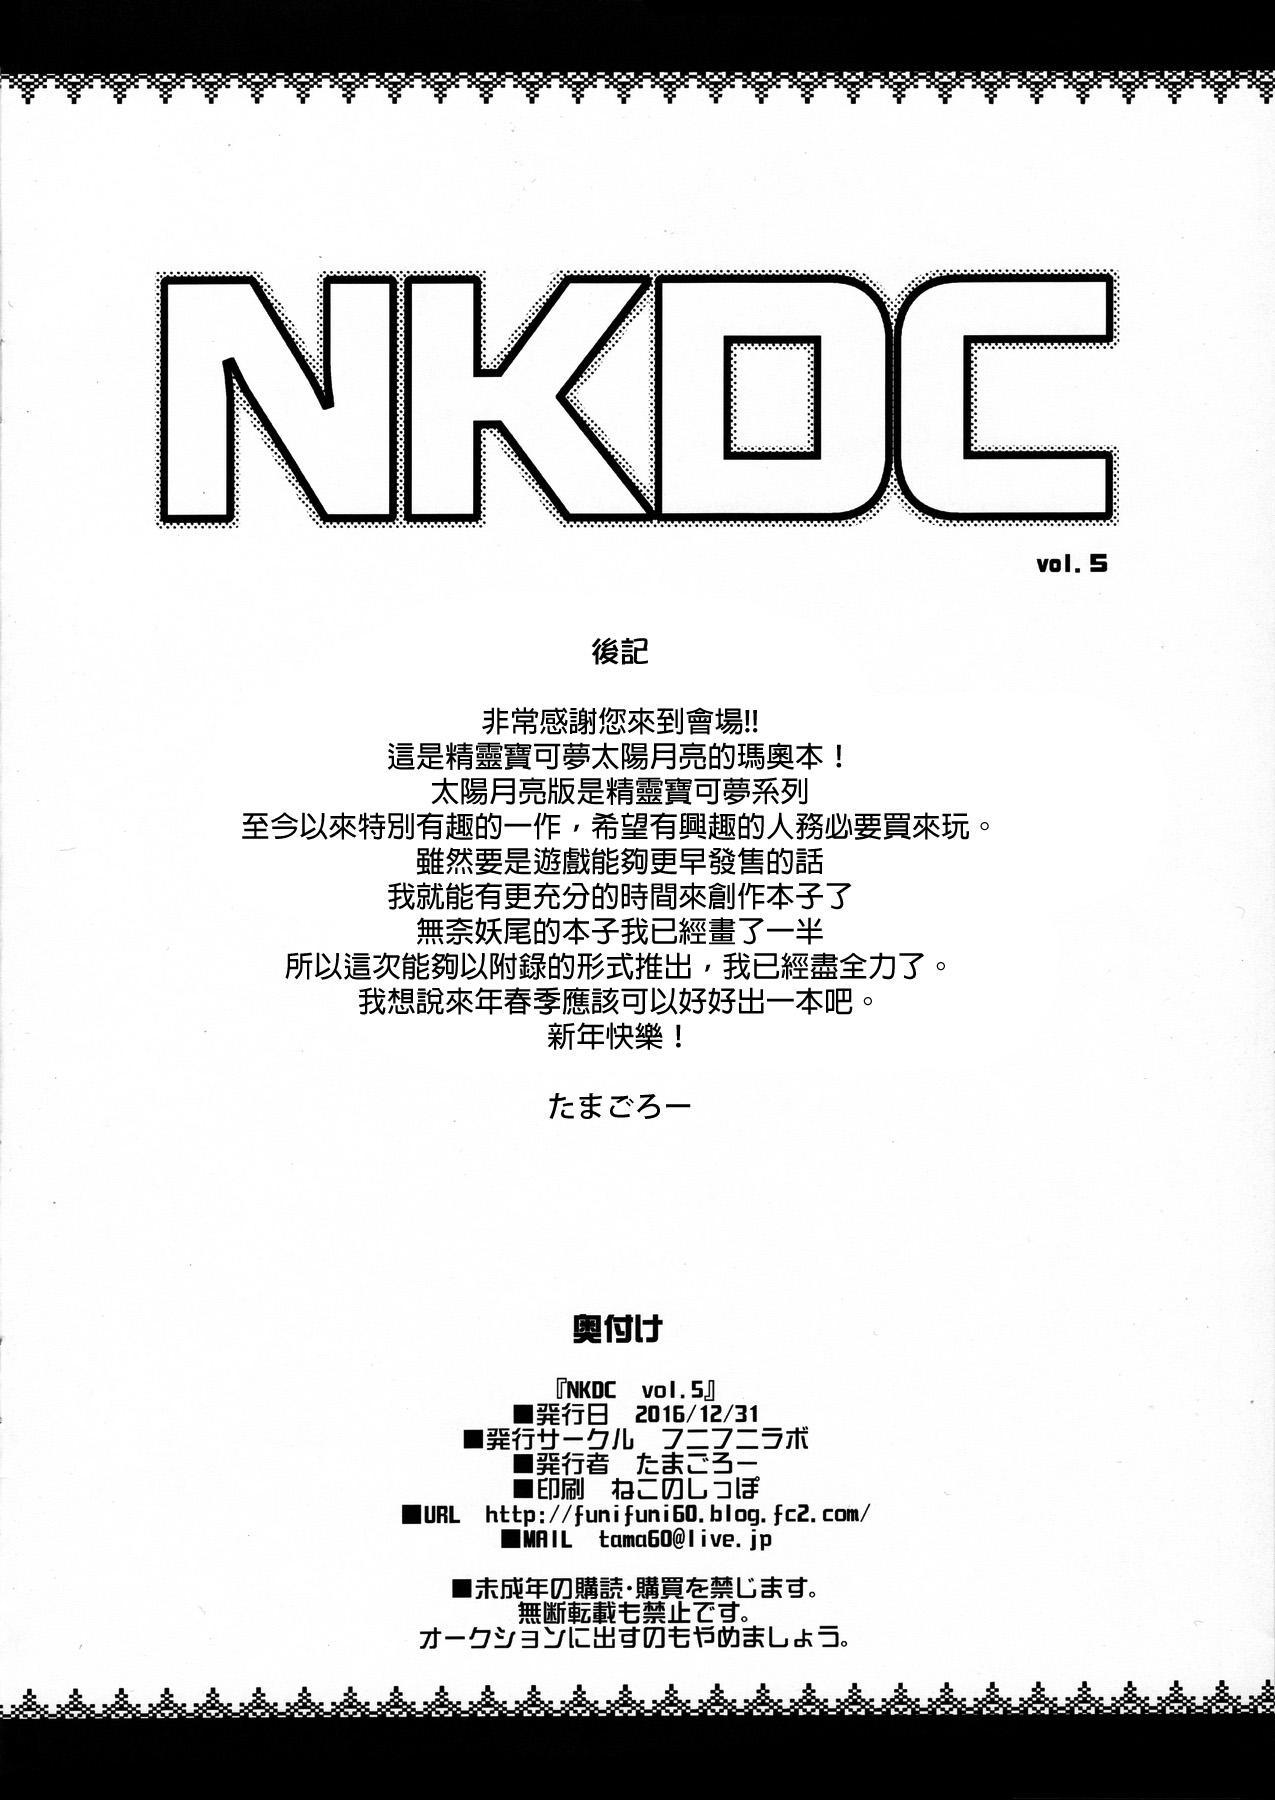 NKDC Vol. 5 7